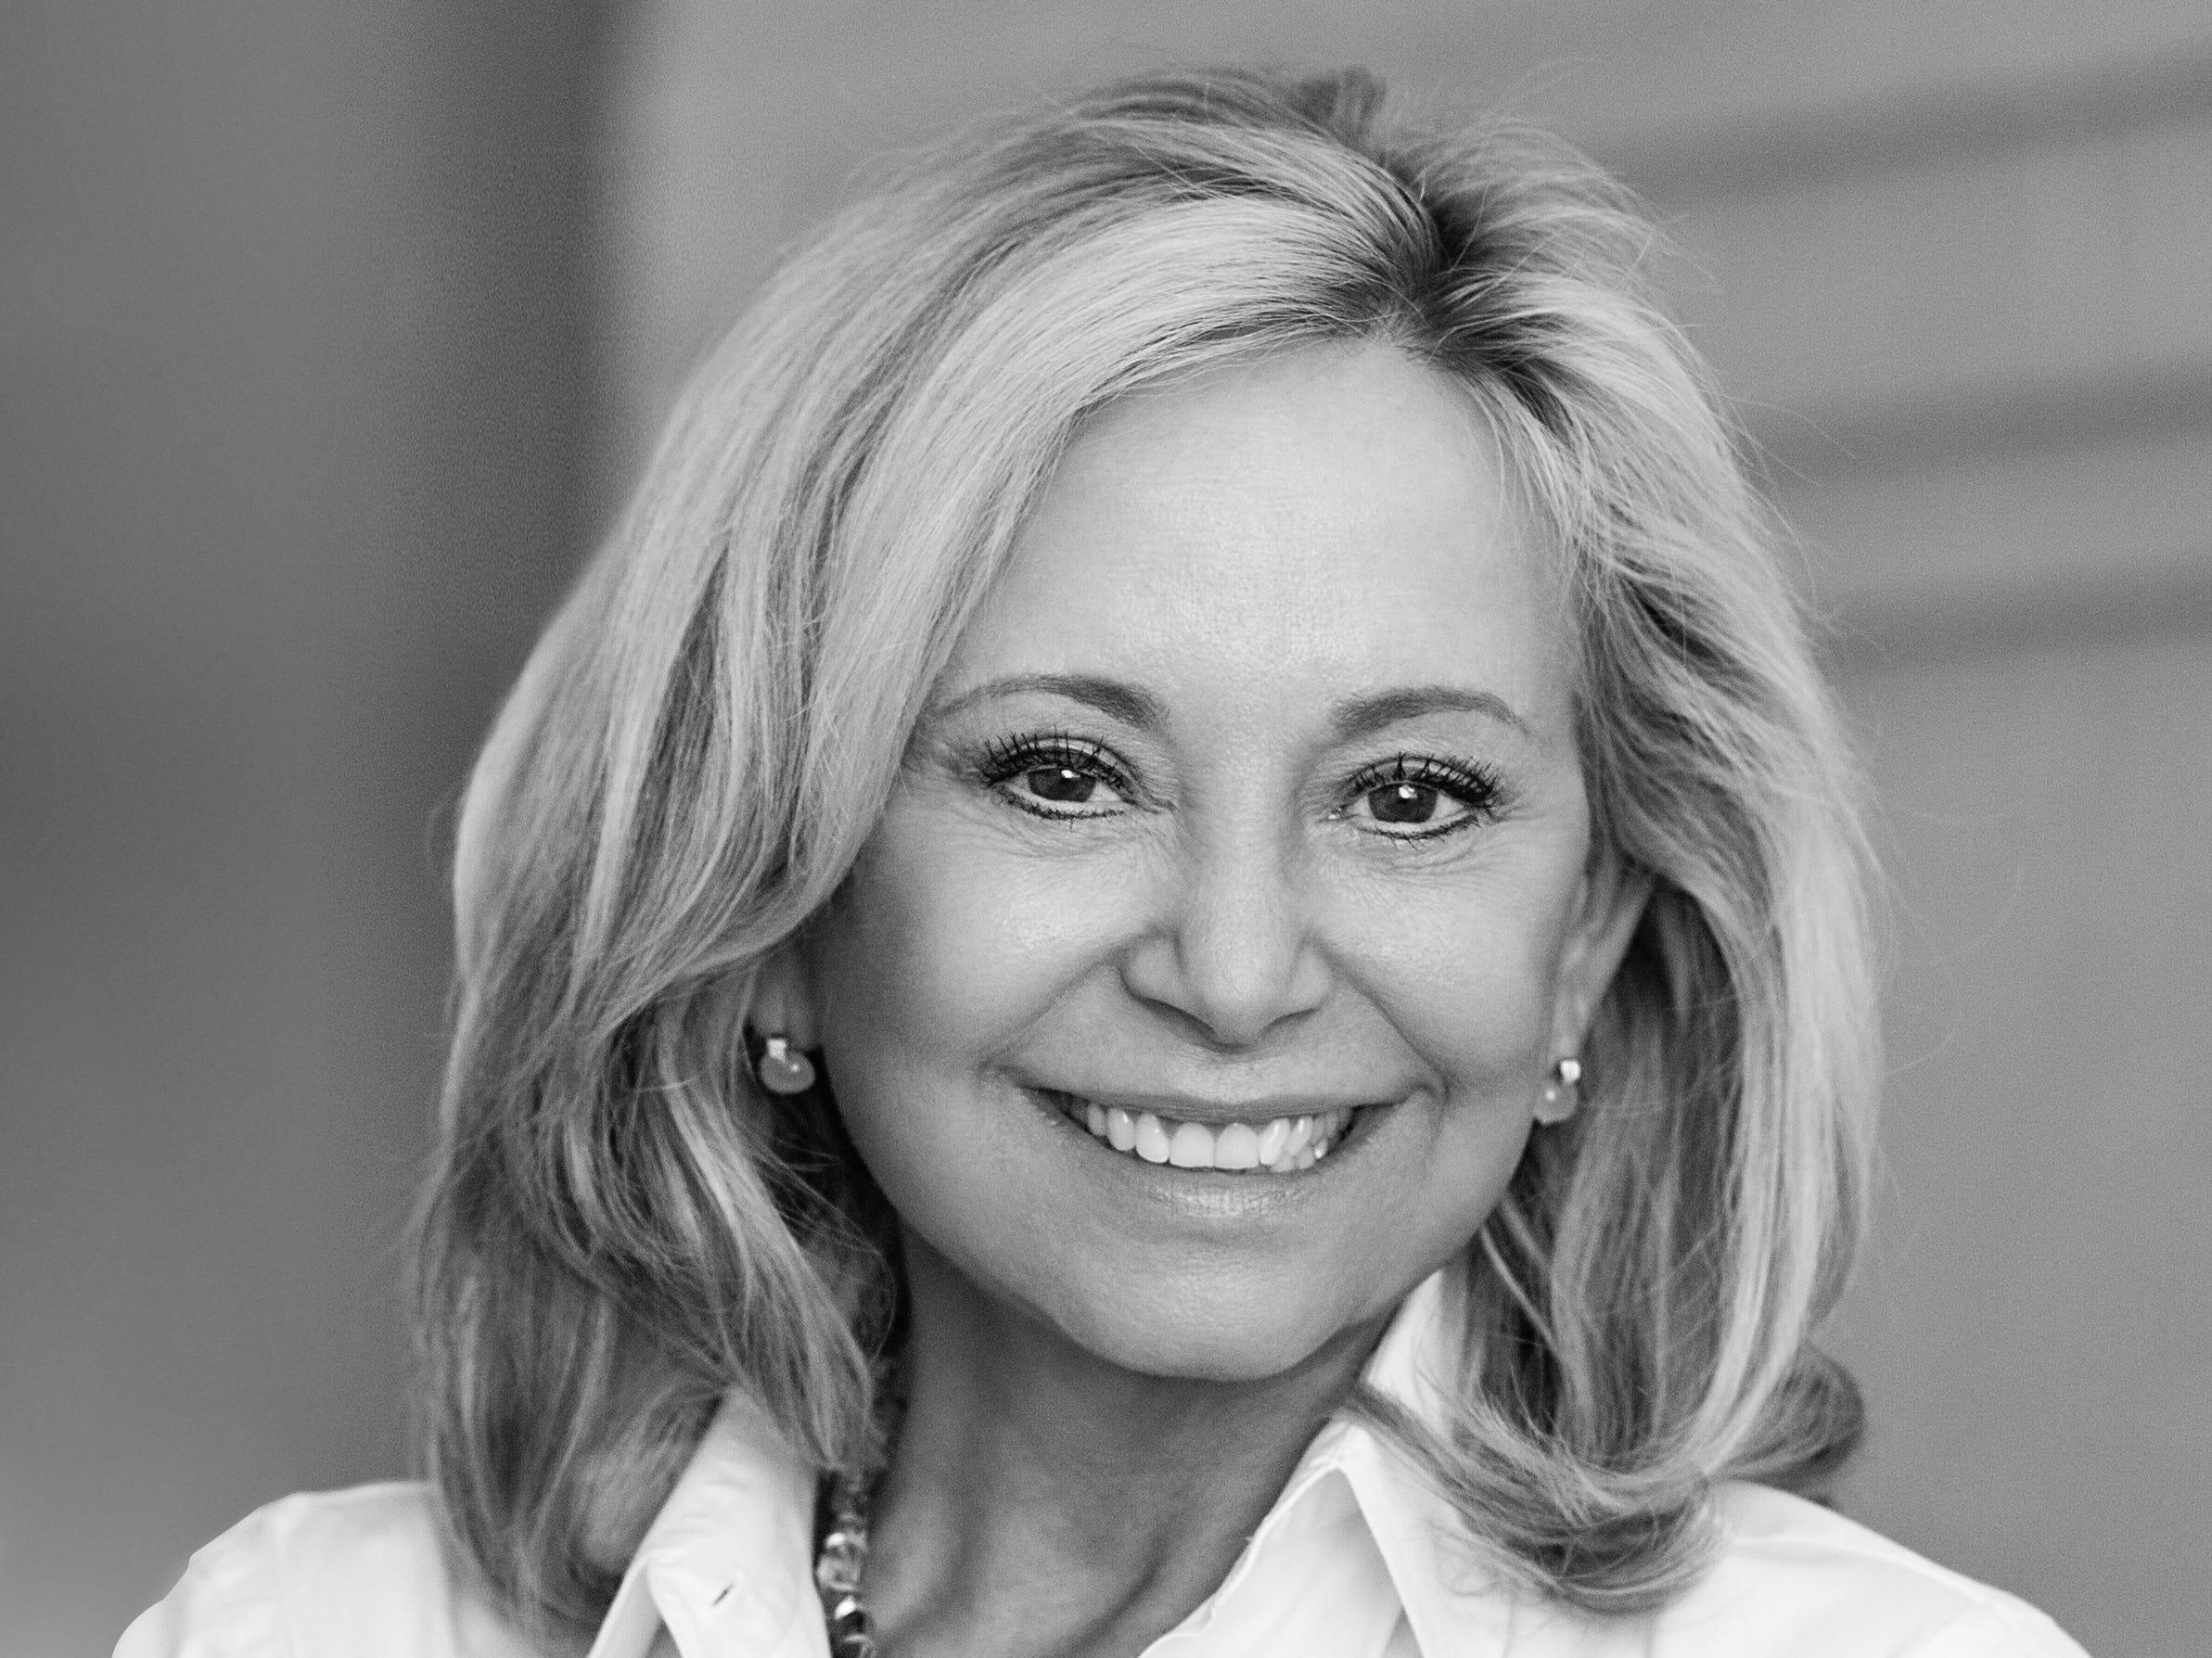 CEO Julie Wainwright realreal